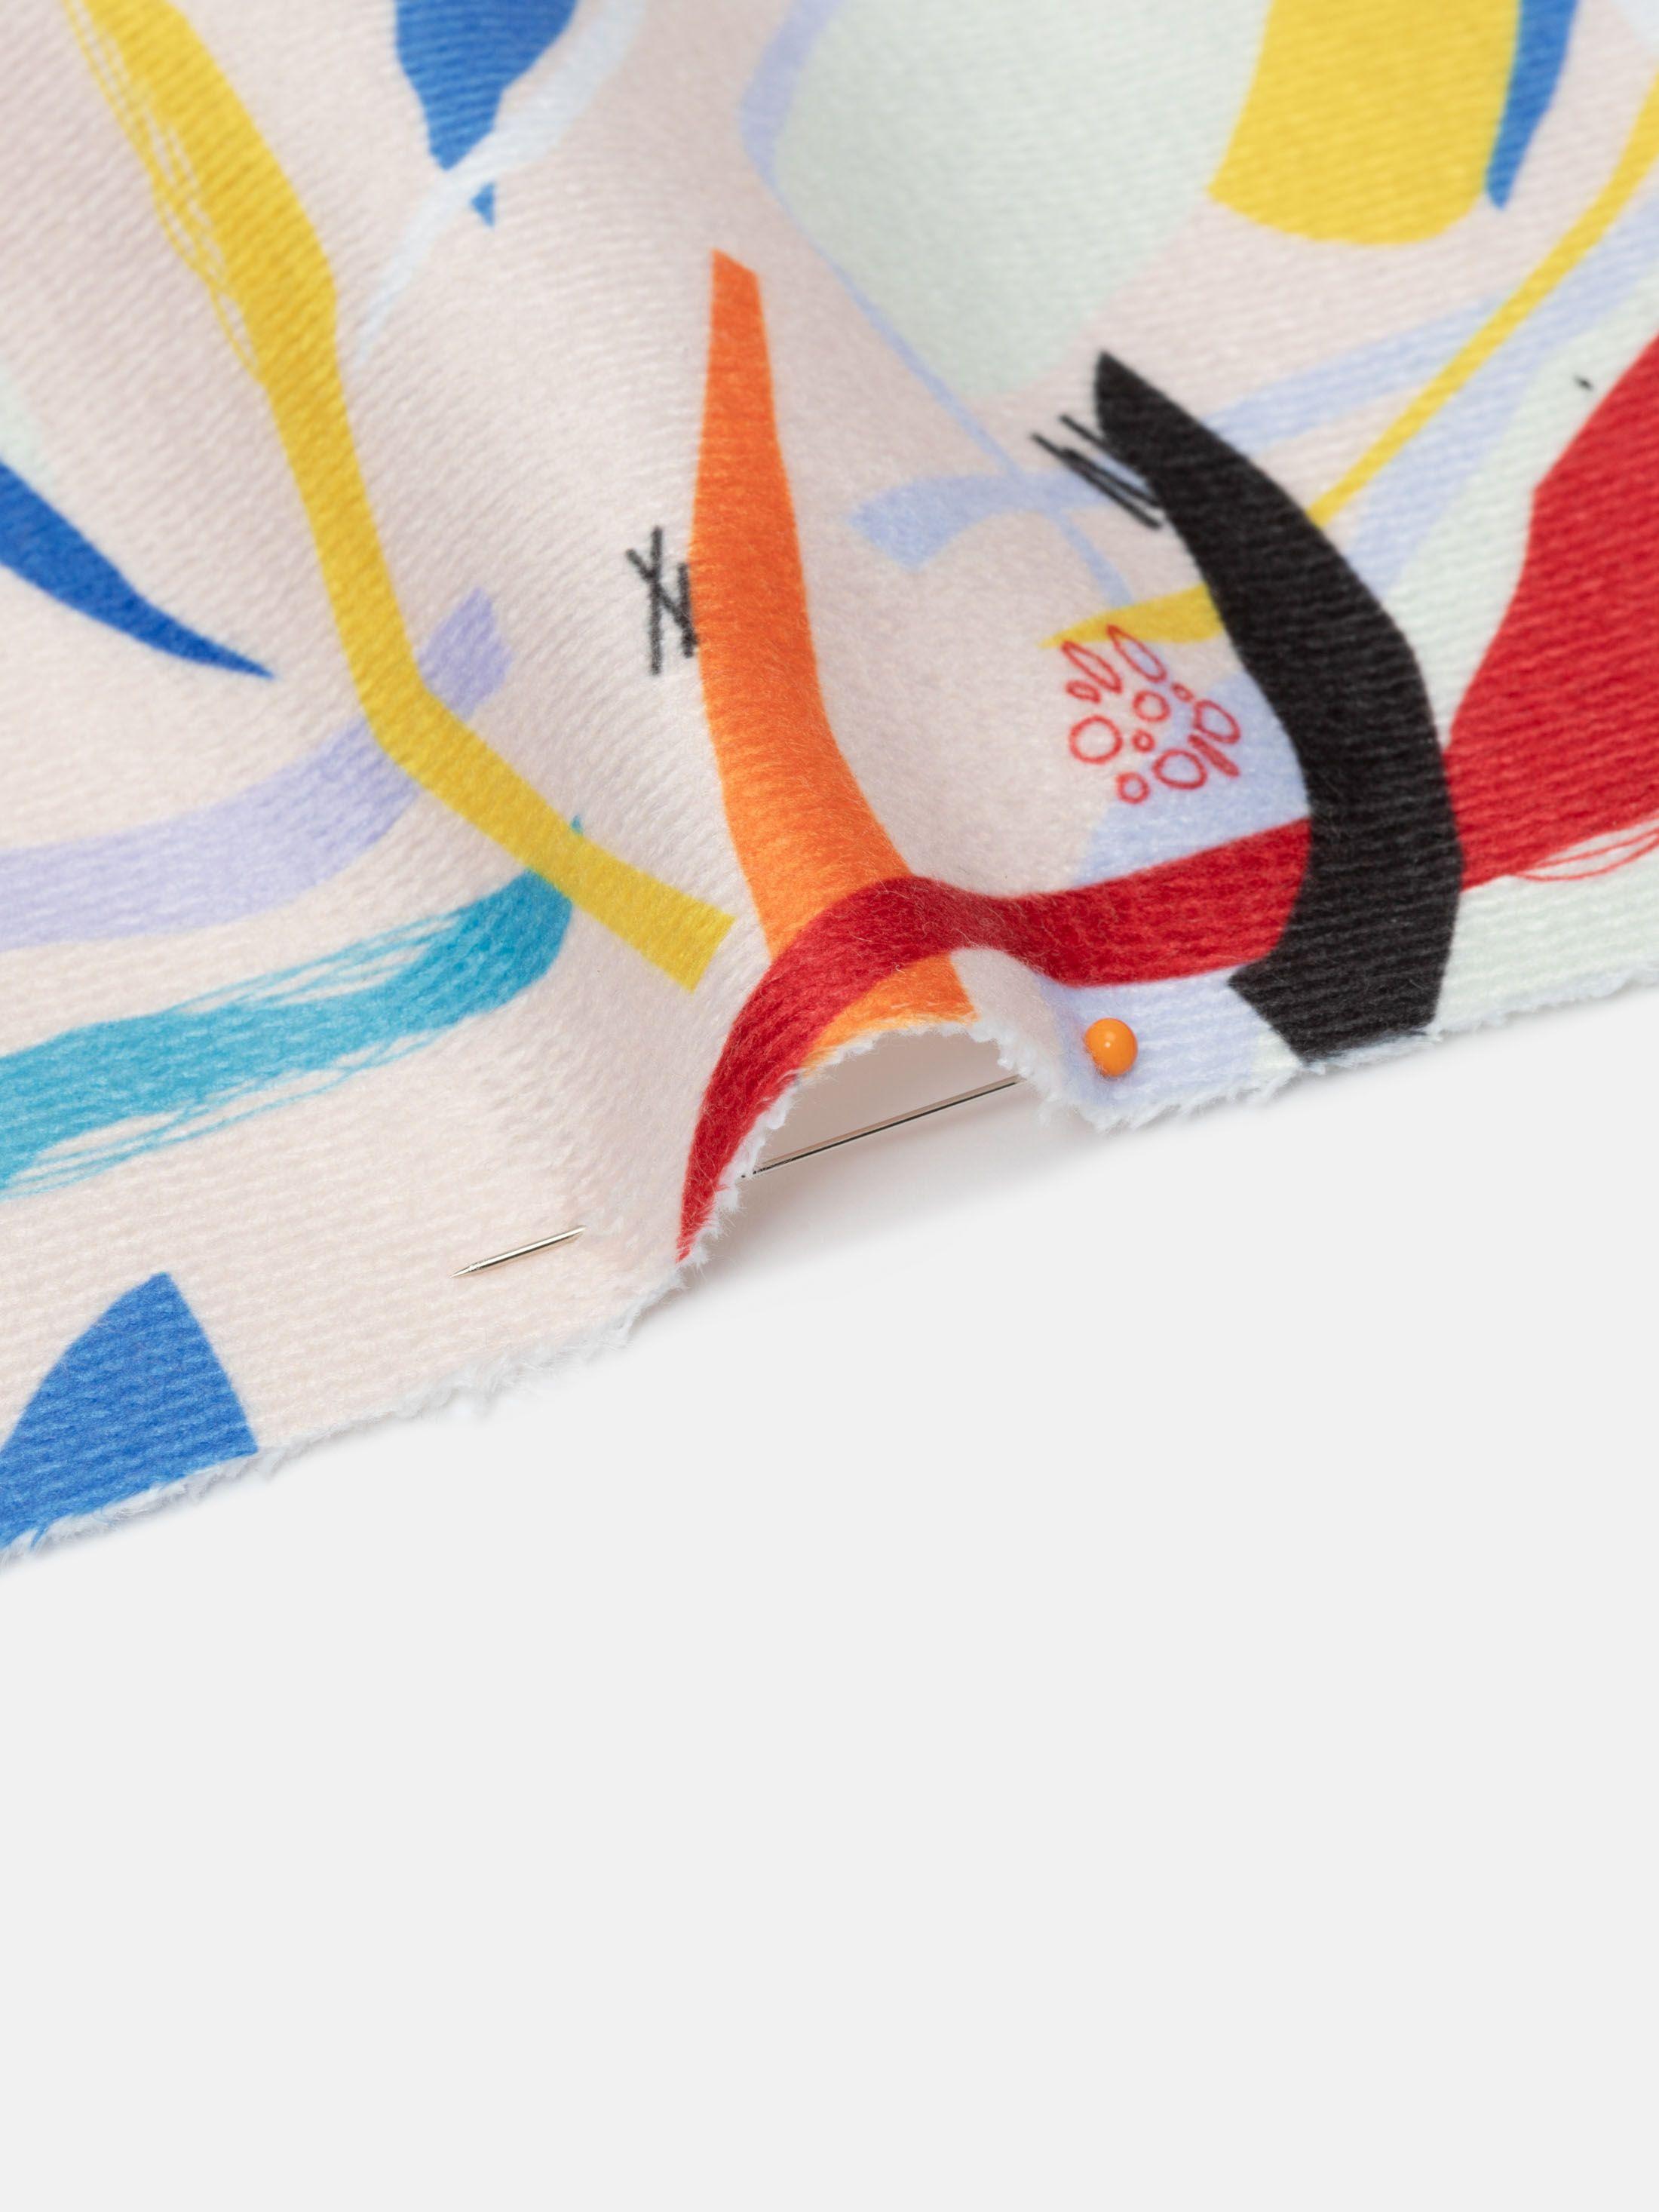 タオル地への布印刷